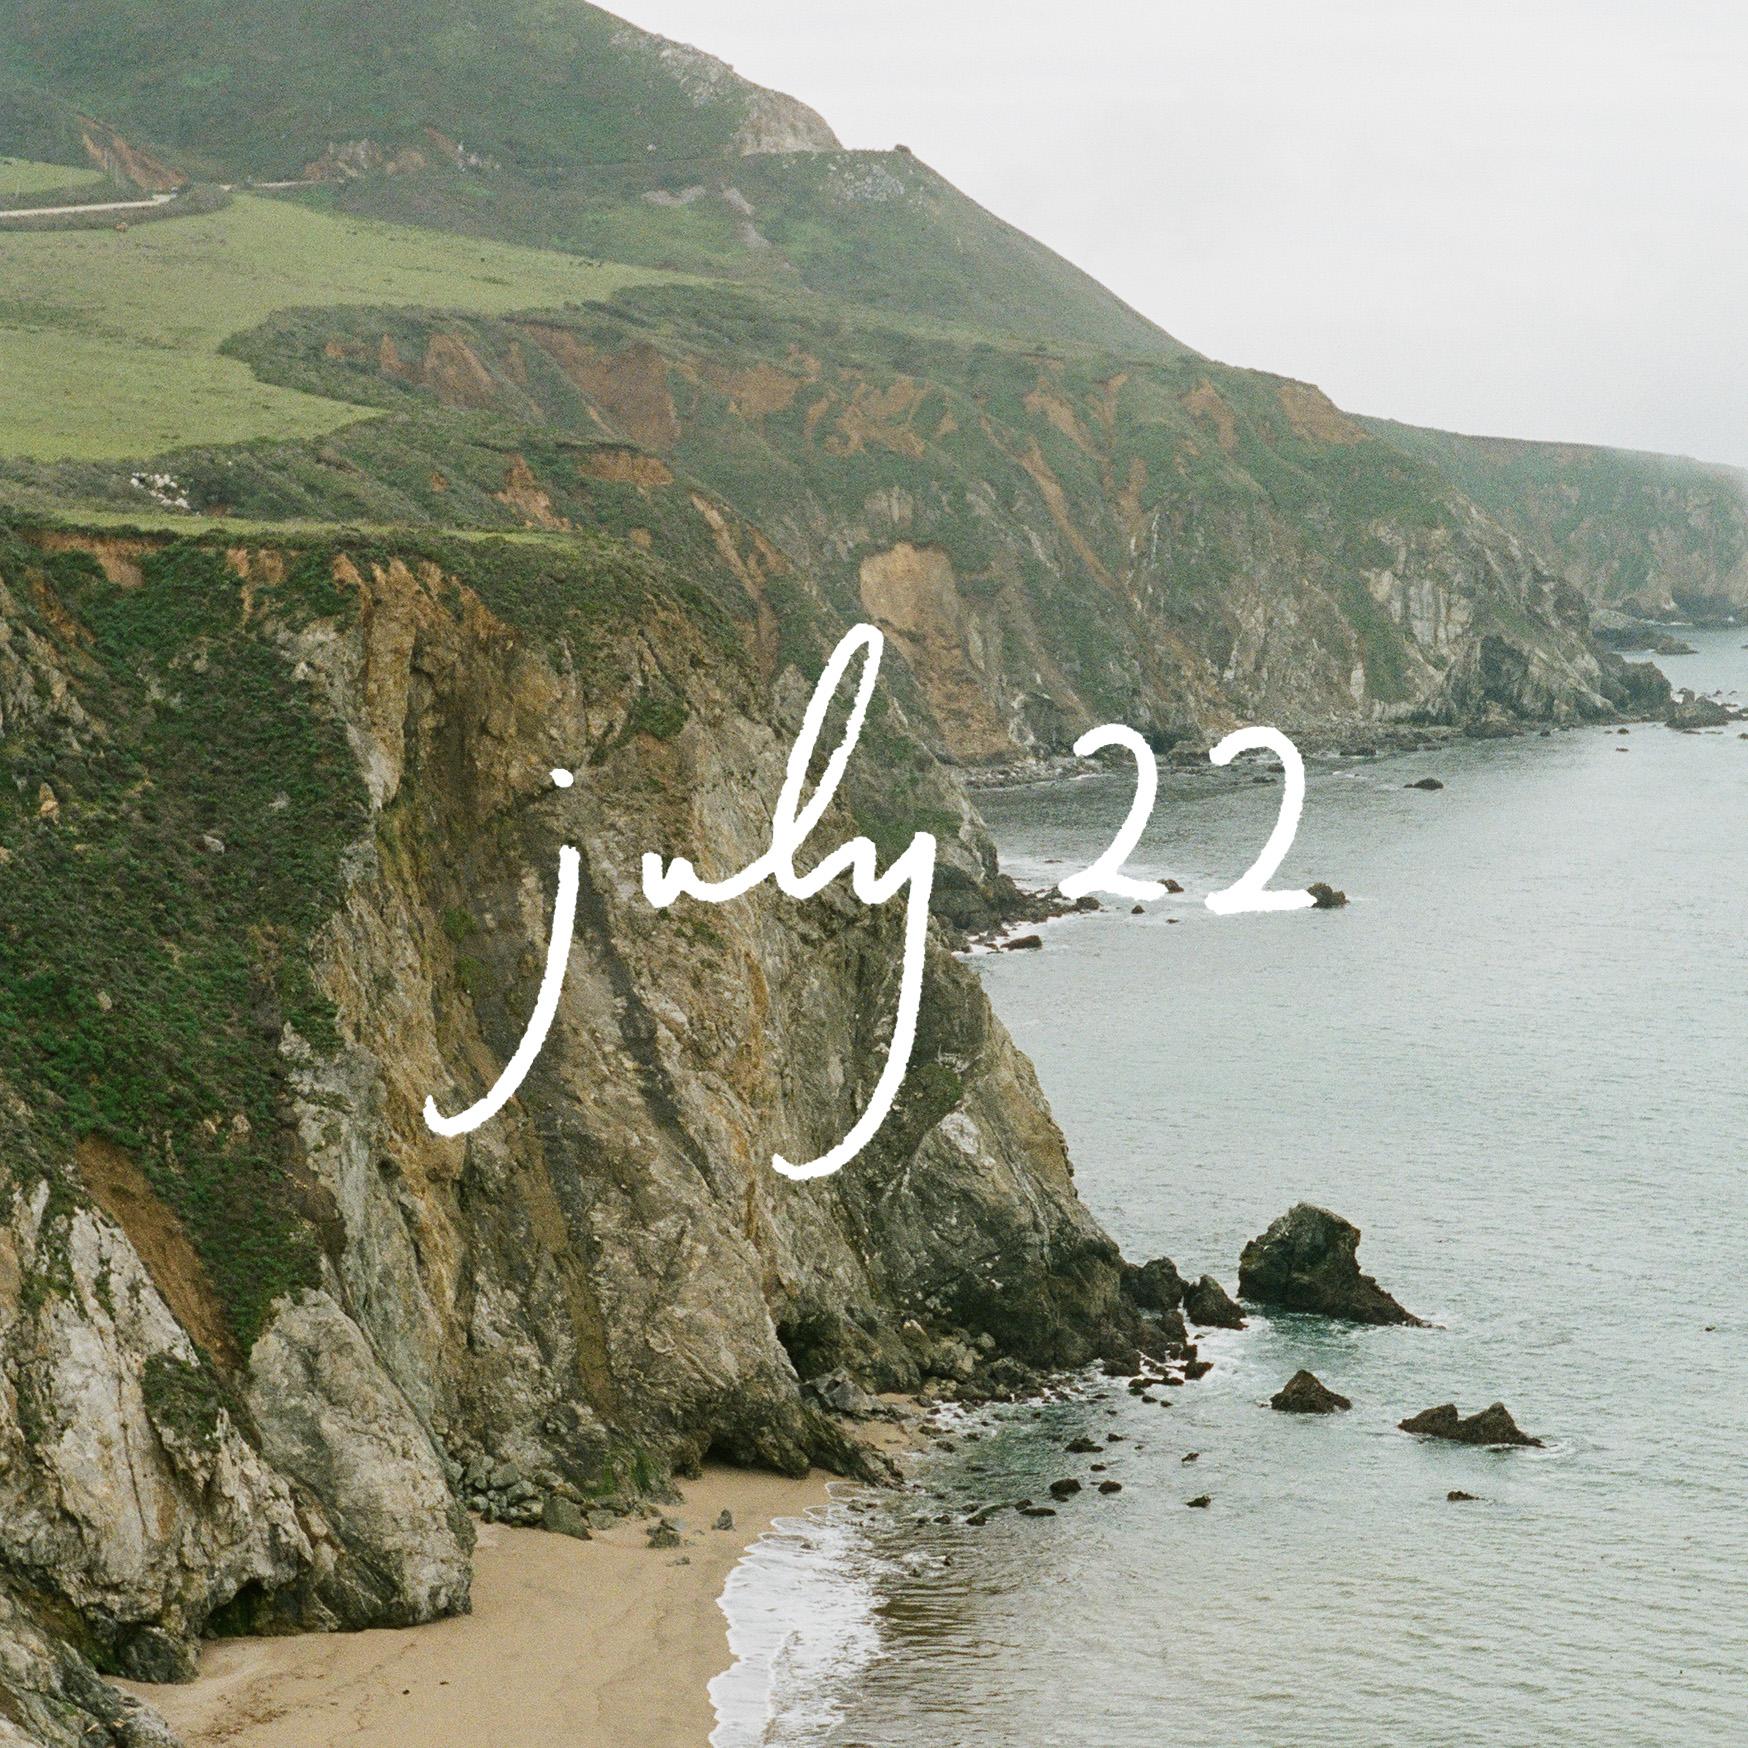 jul22.jpg